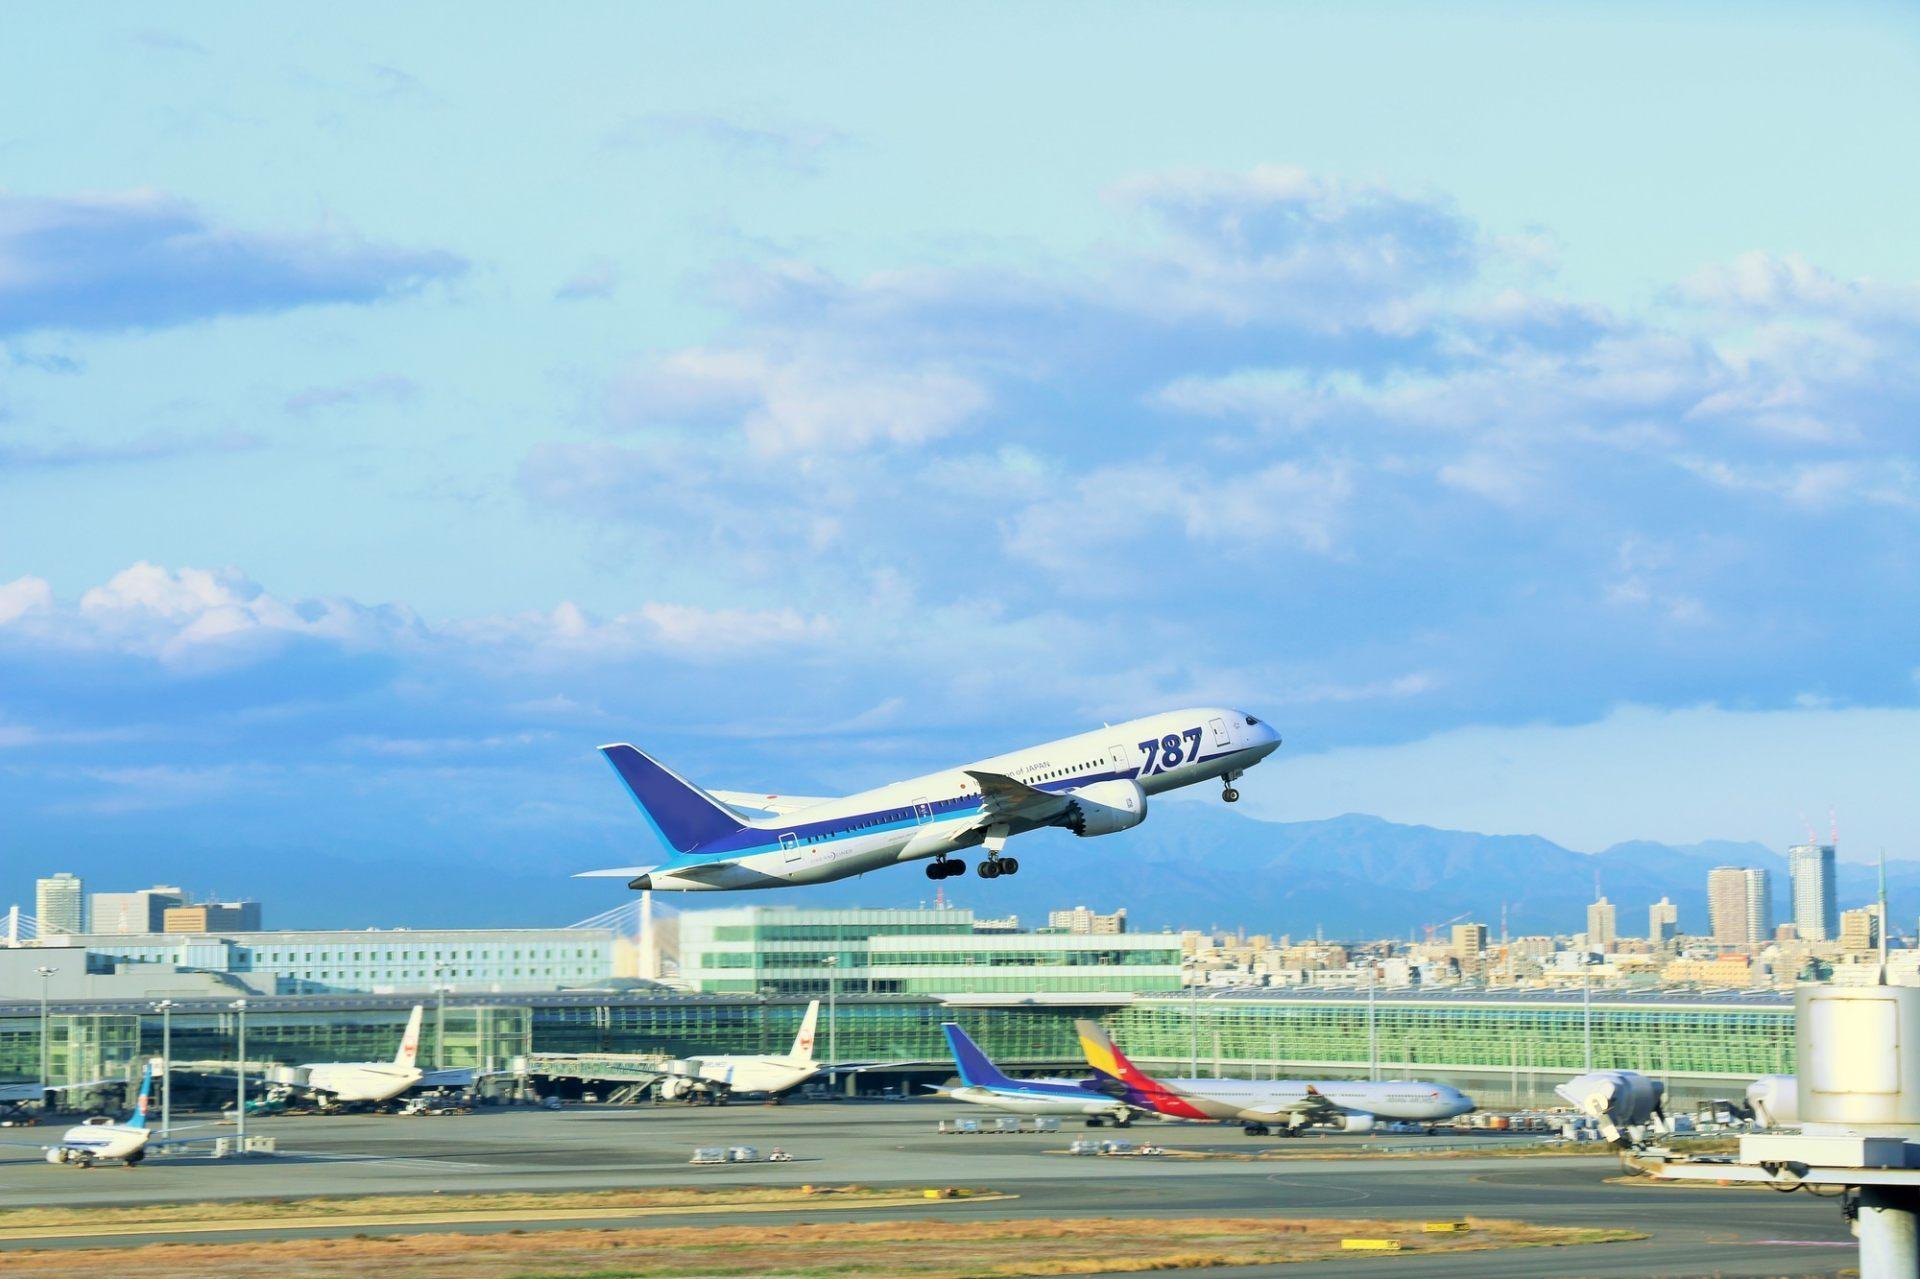 距離東京都心很近的羽田機場